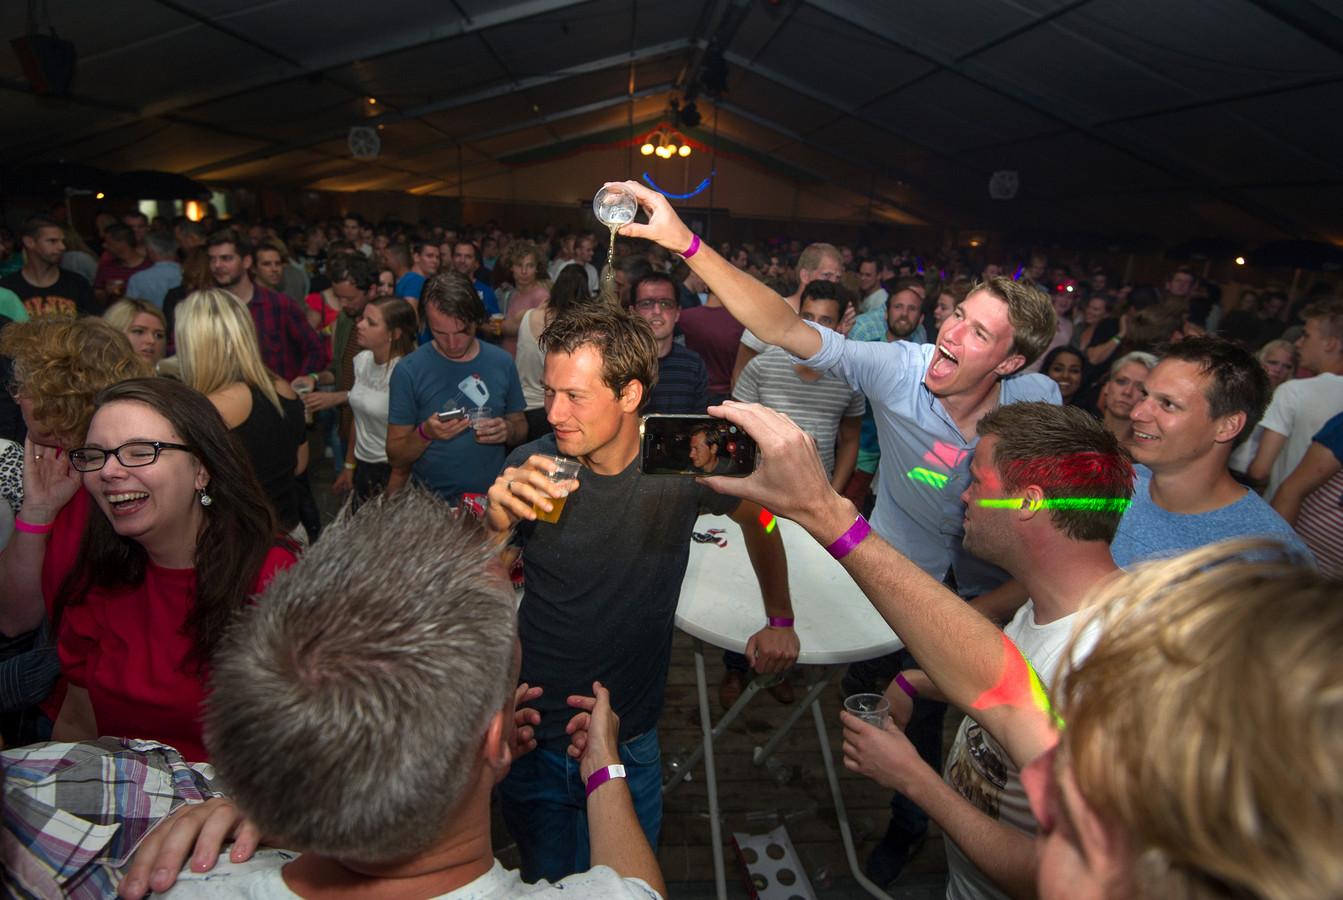 Lol en jolijt in de feesttent in Angeren tijdens de kermis enkele jaren geleden.